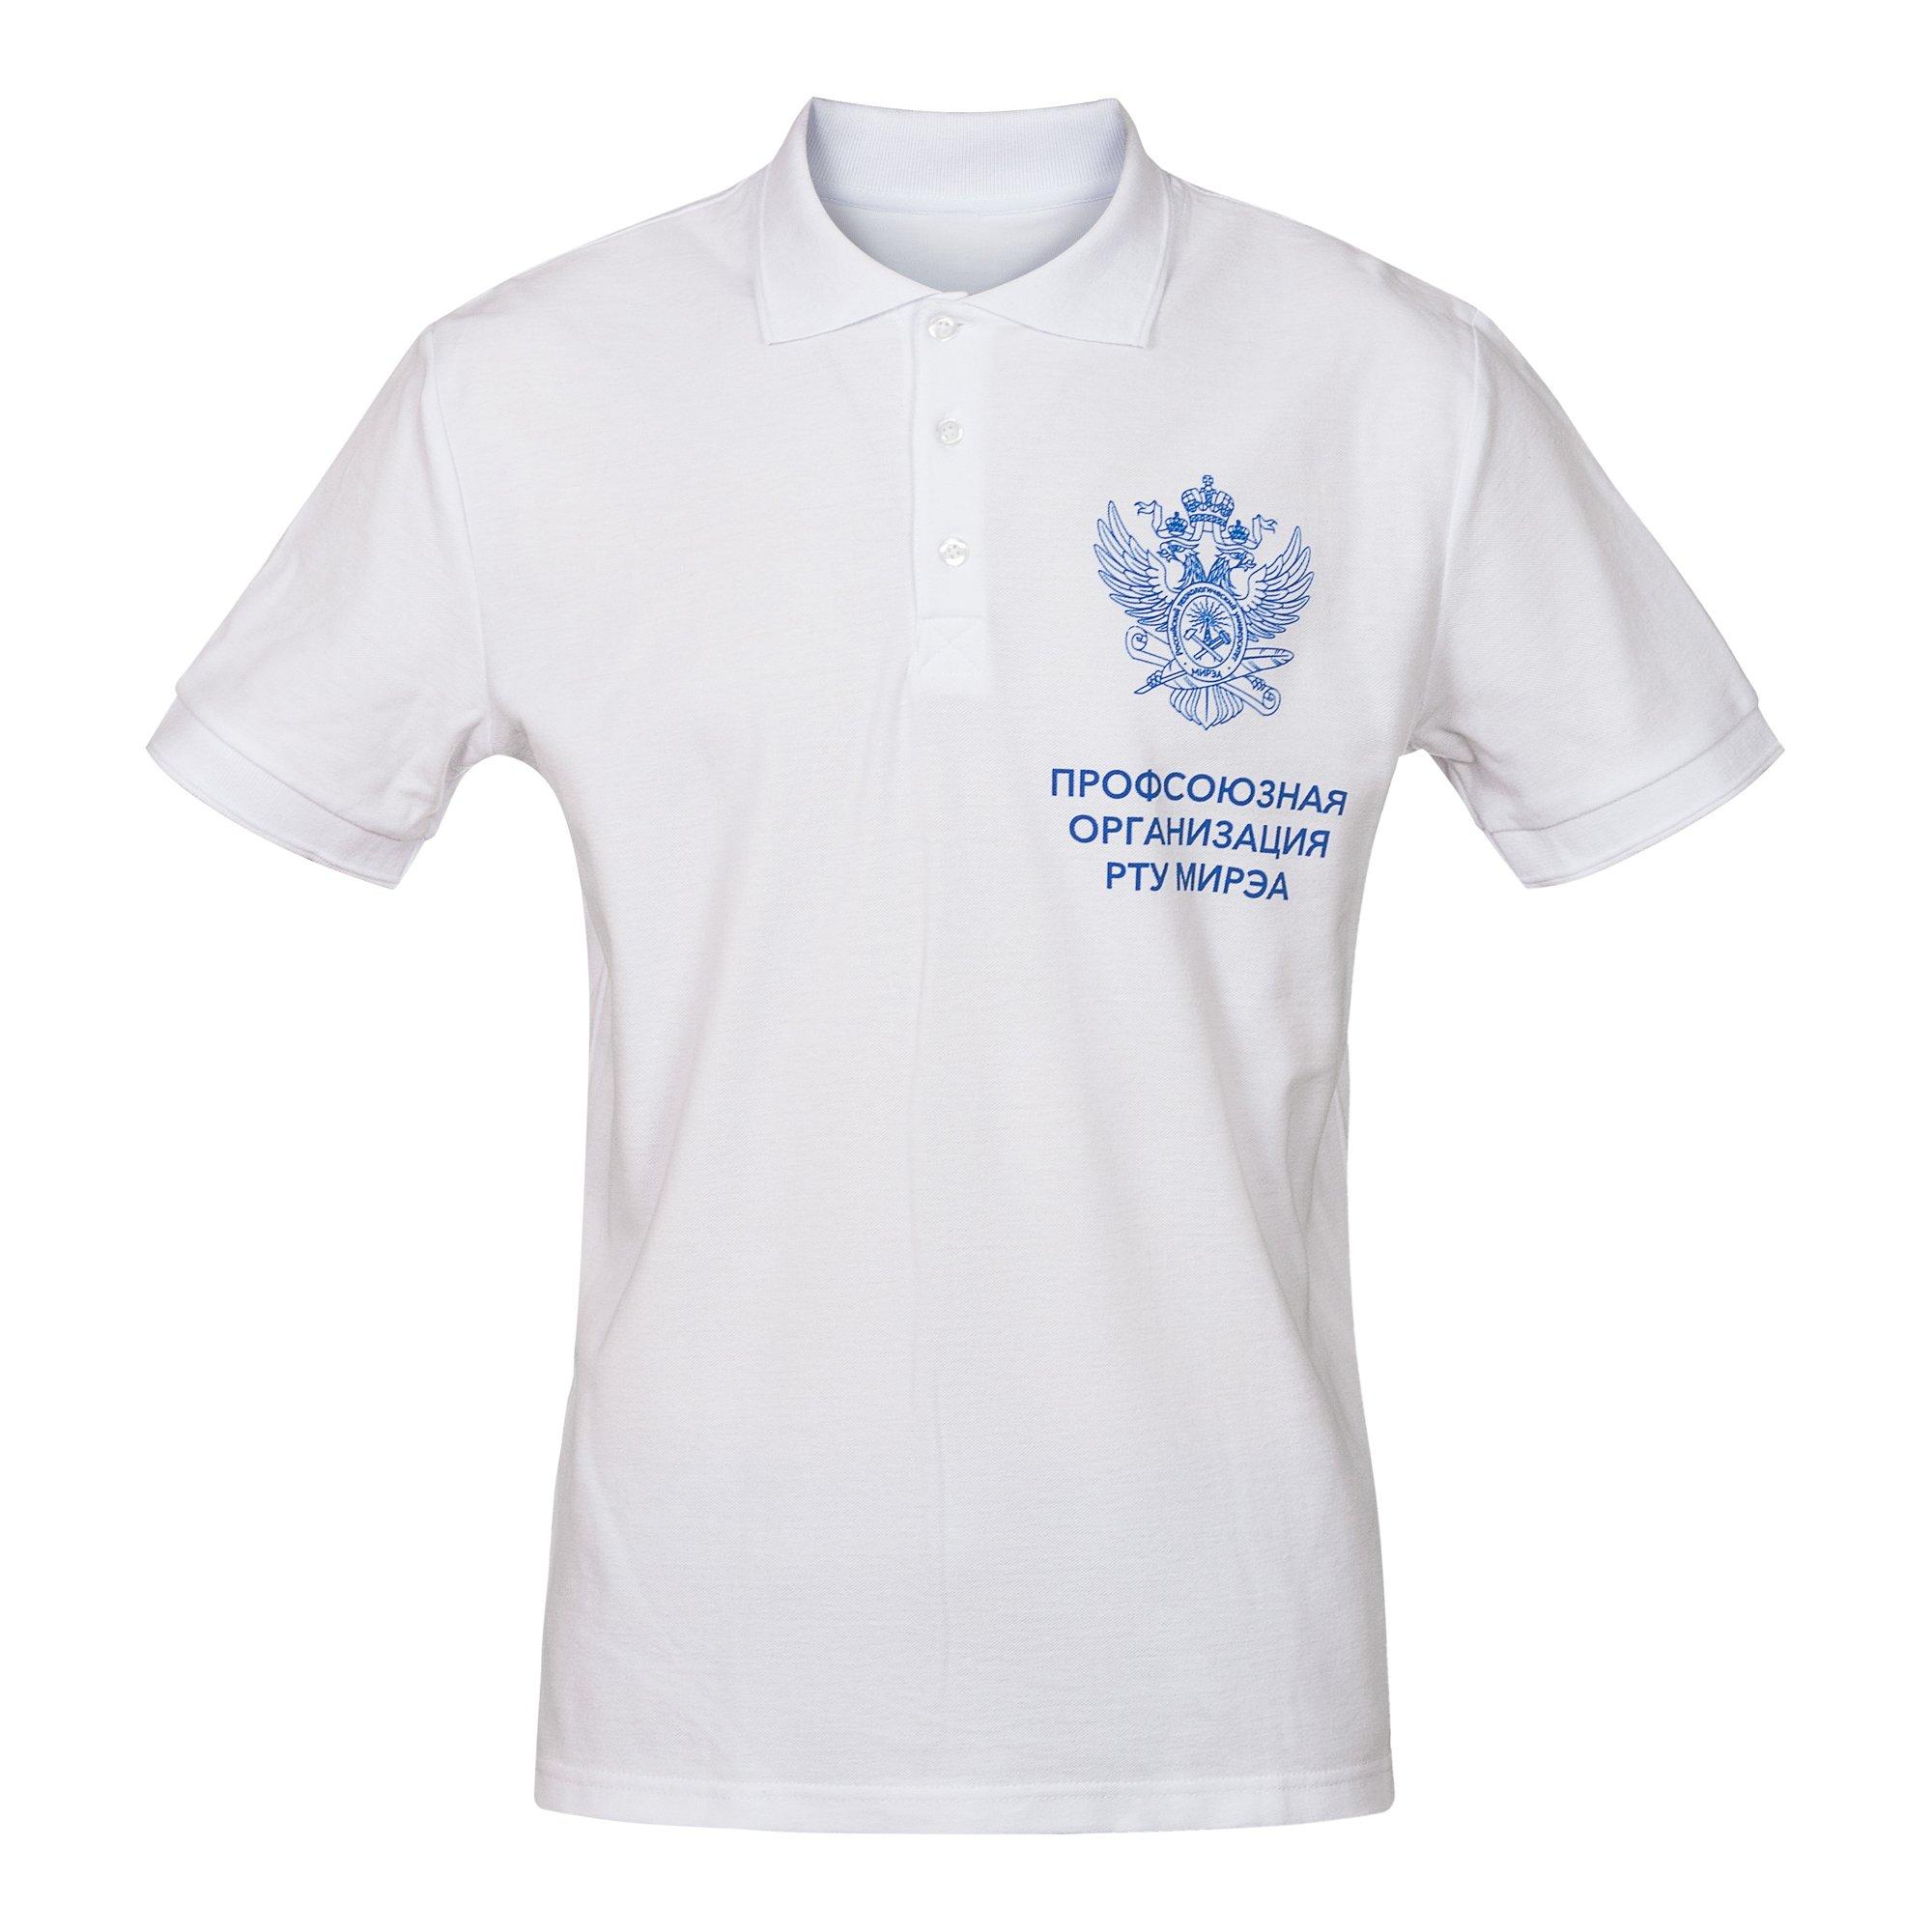 Печать фото и логотипов на рубашках поло в Москве   фото 2